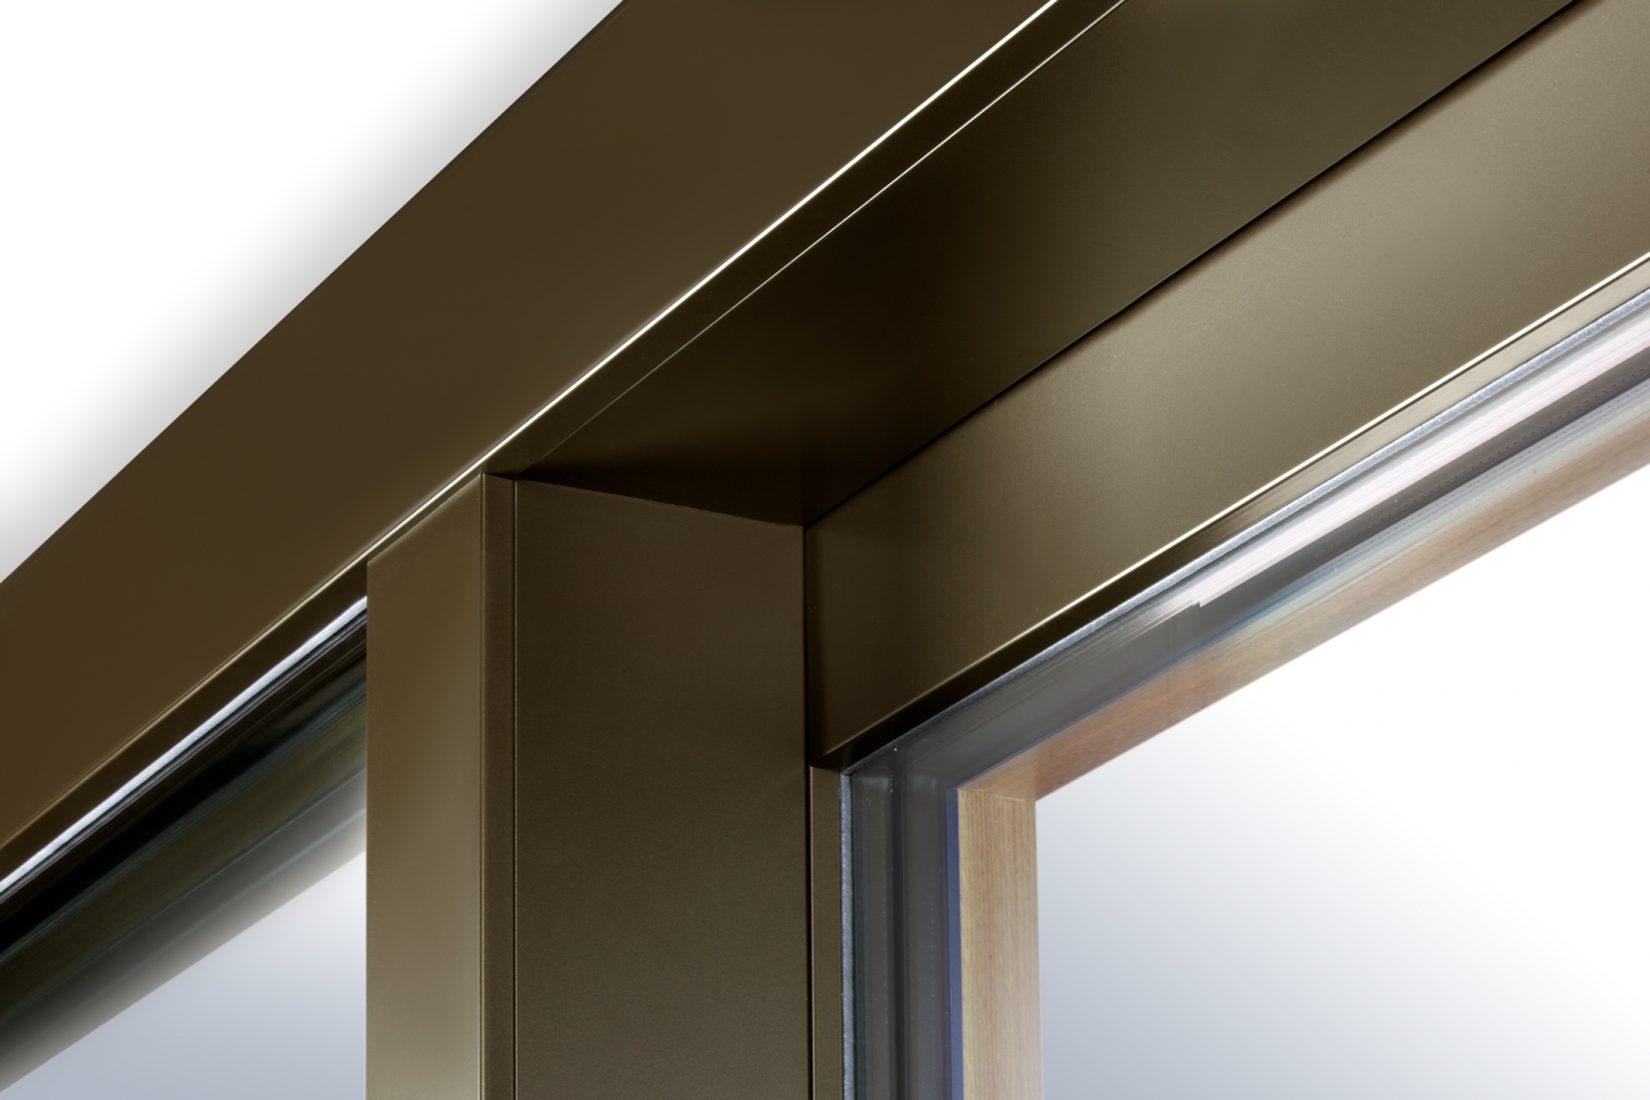 Rahmenkonstruktion mit äußerer Aluminiumschale und inneren Holzflächen. Foto: Kneer-Südfenster